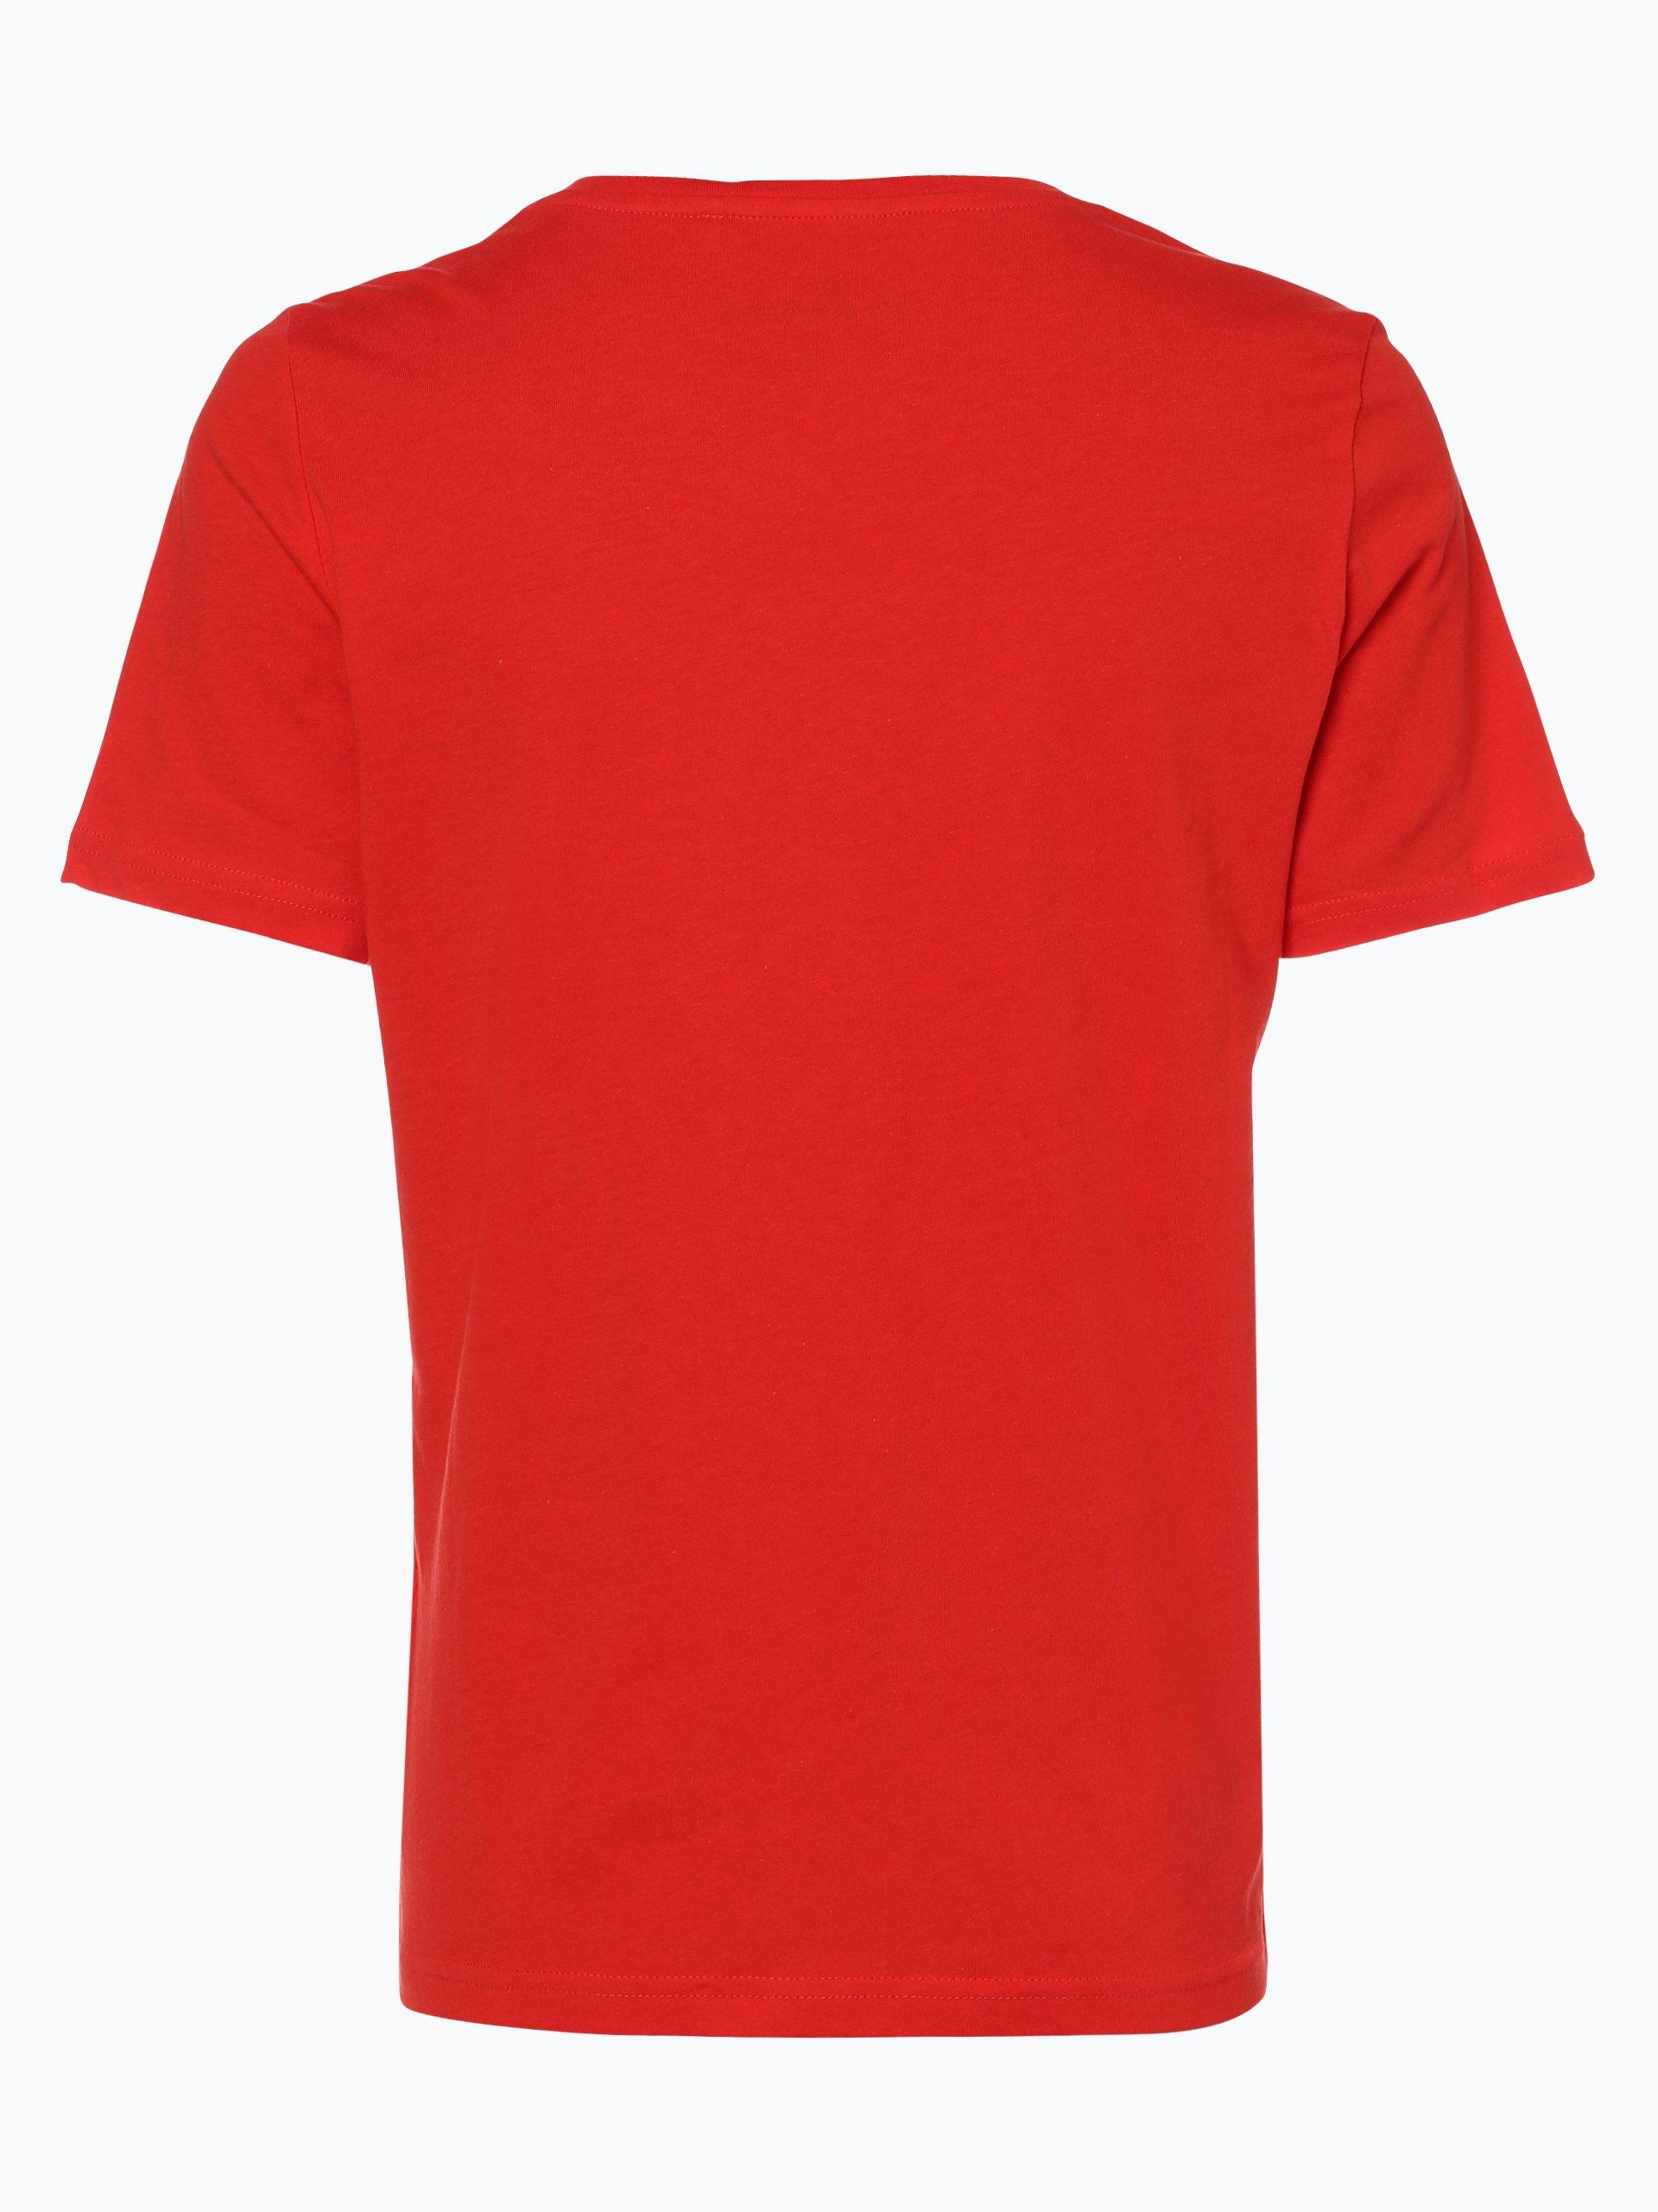 only damen t shirt rolling stones rot bedruckt online kaufen vangraaf com. Black Bedroom Furniture Sets. Home Design Ideas